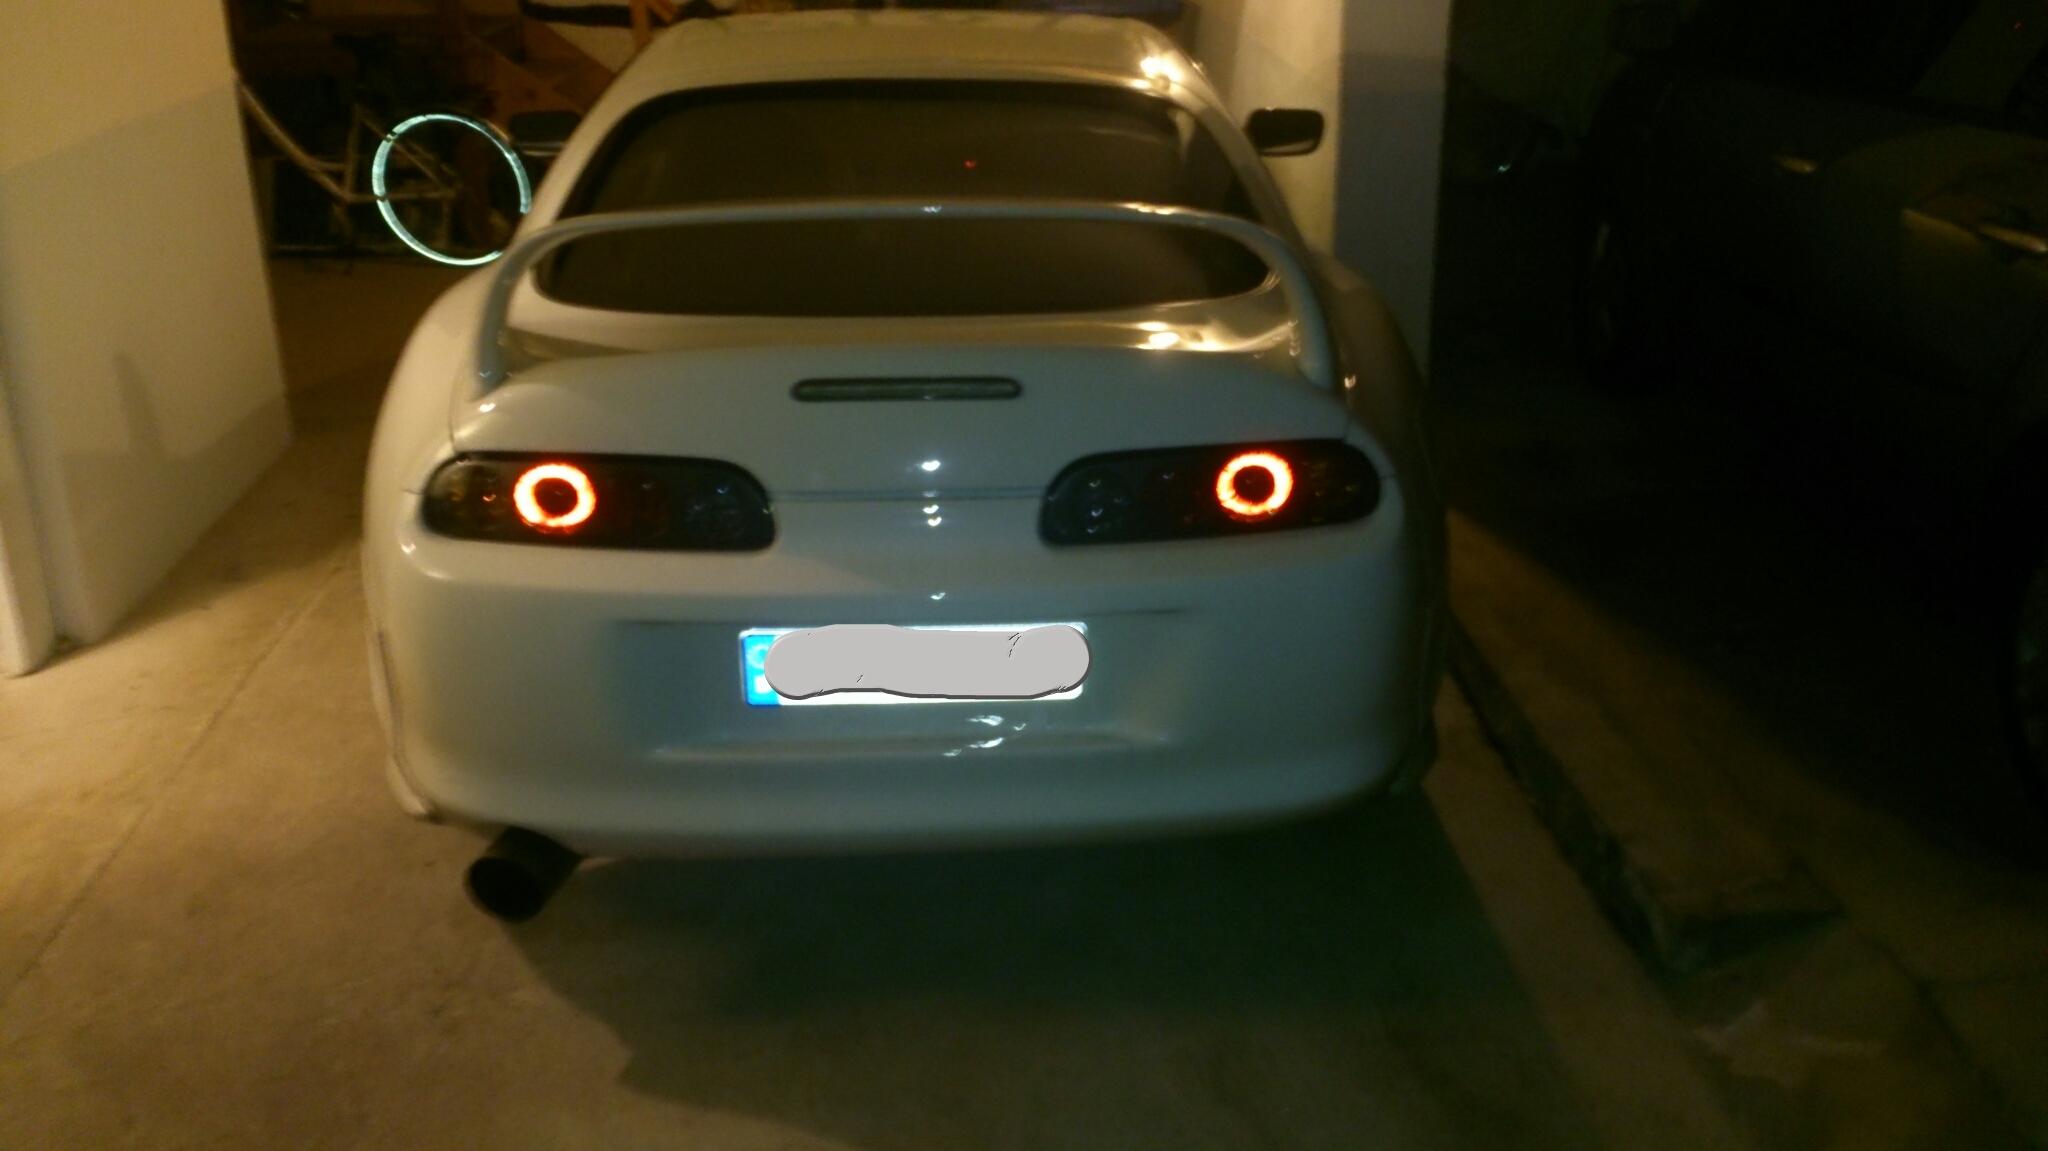 http://abload.de/img/picsart_1390726883448cxl9h.jpg